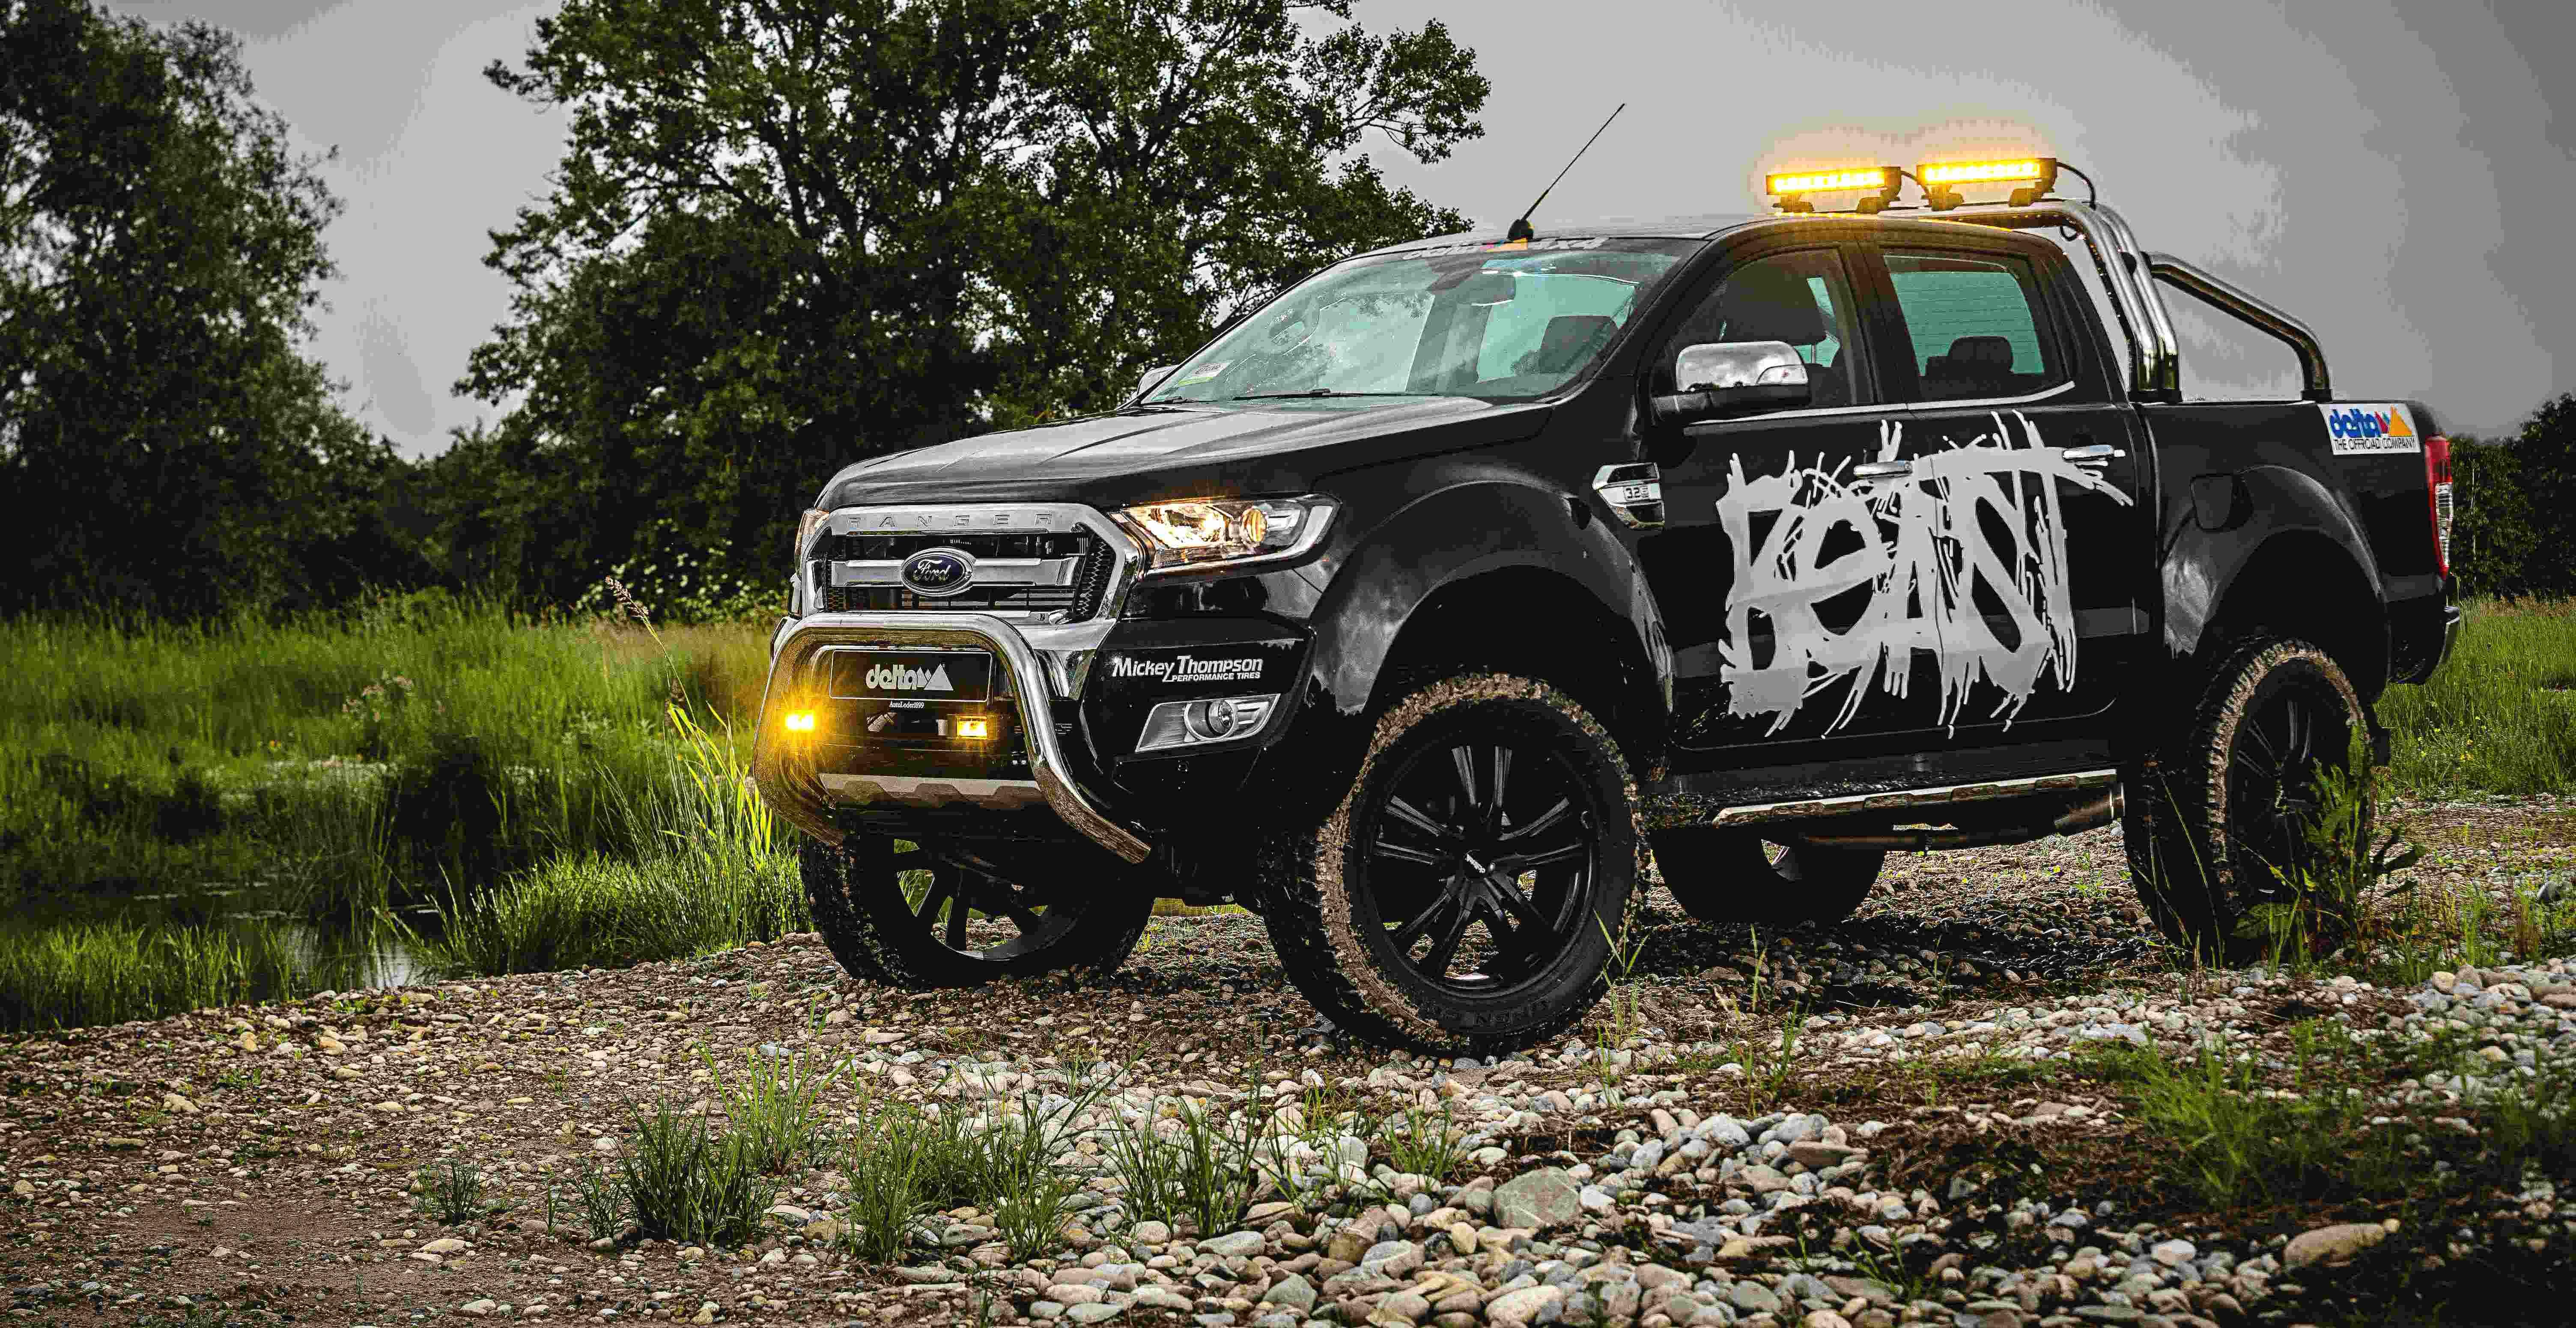 Delta4x4 Ford Ranger Das Biest Der Neue 2016 Ist Mit Gelandetauglicher Stabilitatskontrolle Optionalem OffRoad Paket Berganfahrassistent Und